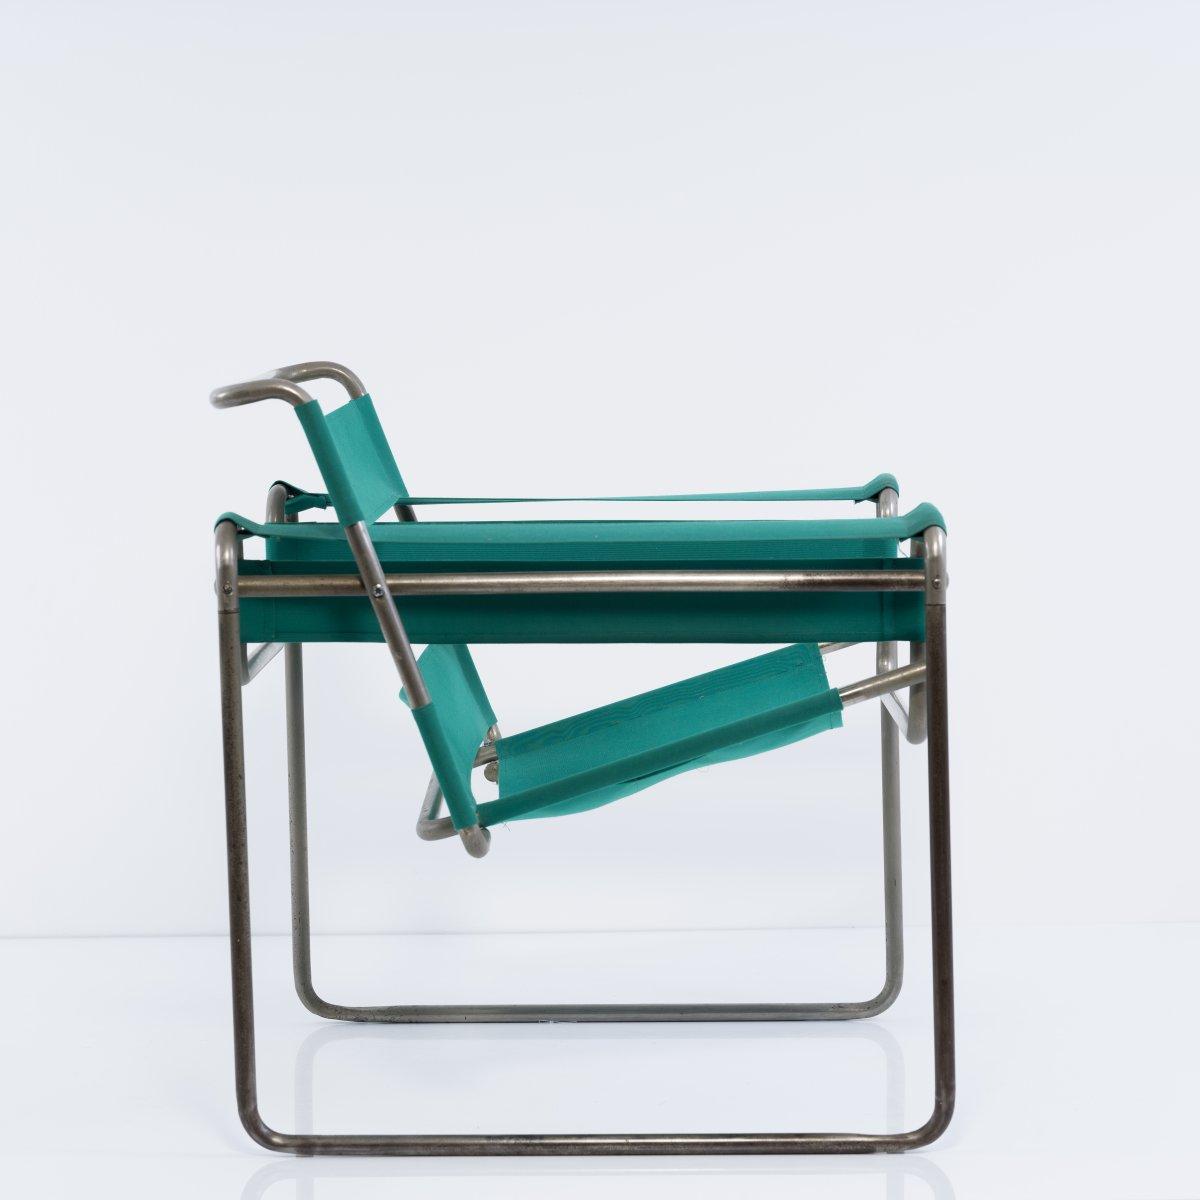 Vente Internationales Design chez Quittenbaum Kunstauktionen : 250 lots